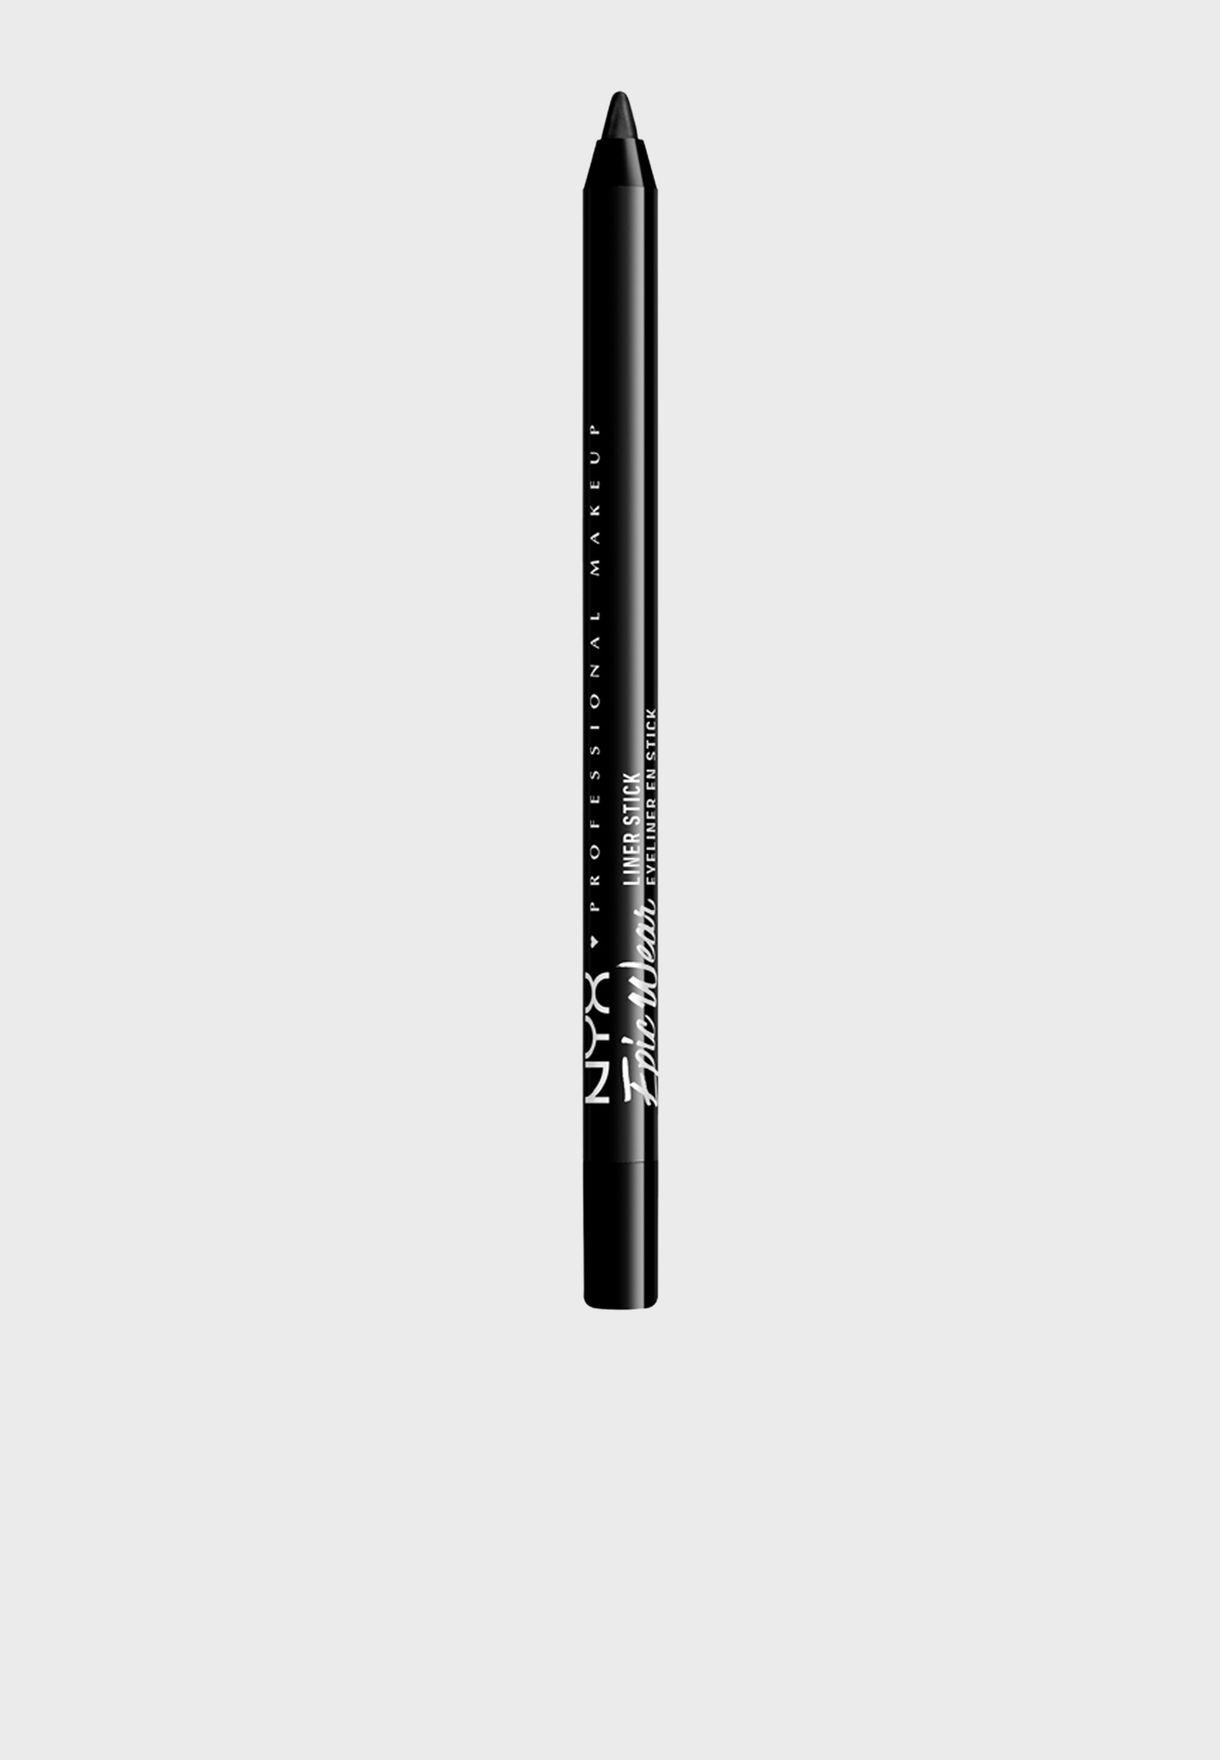 قلم لاينر ايبك وير - بيتش بلاك 08